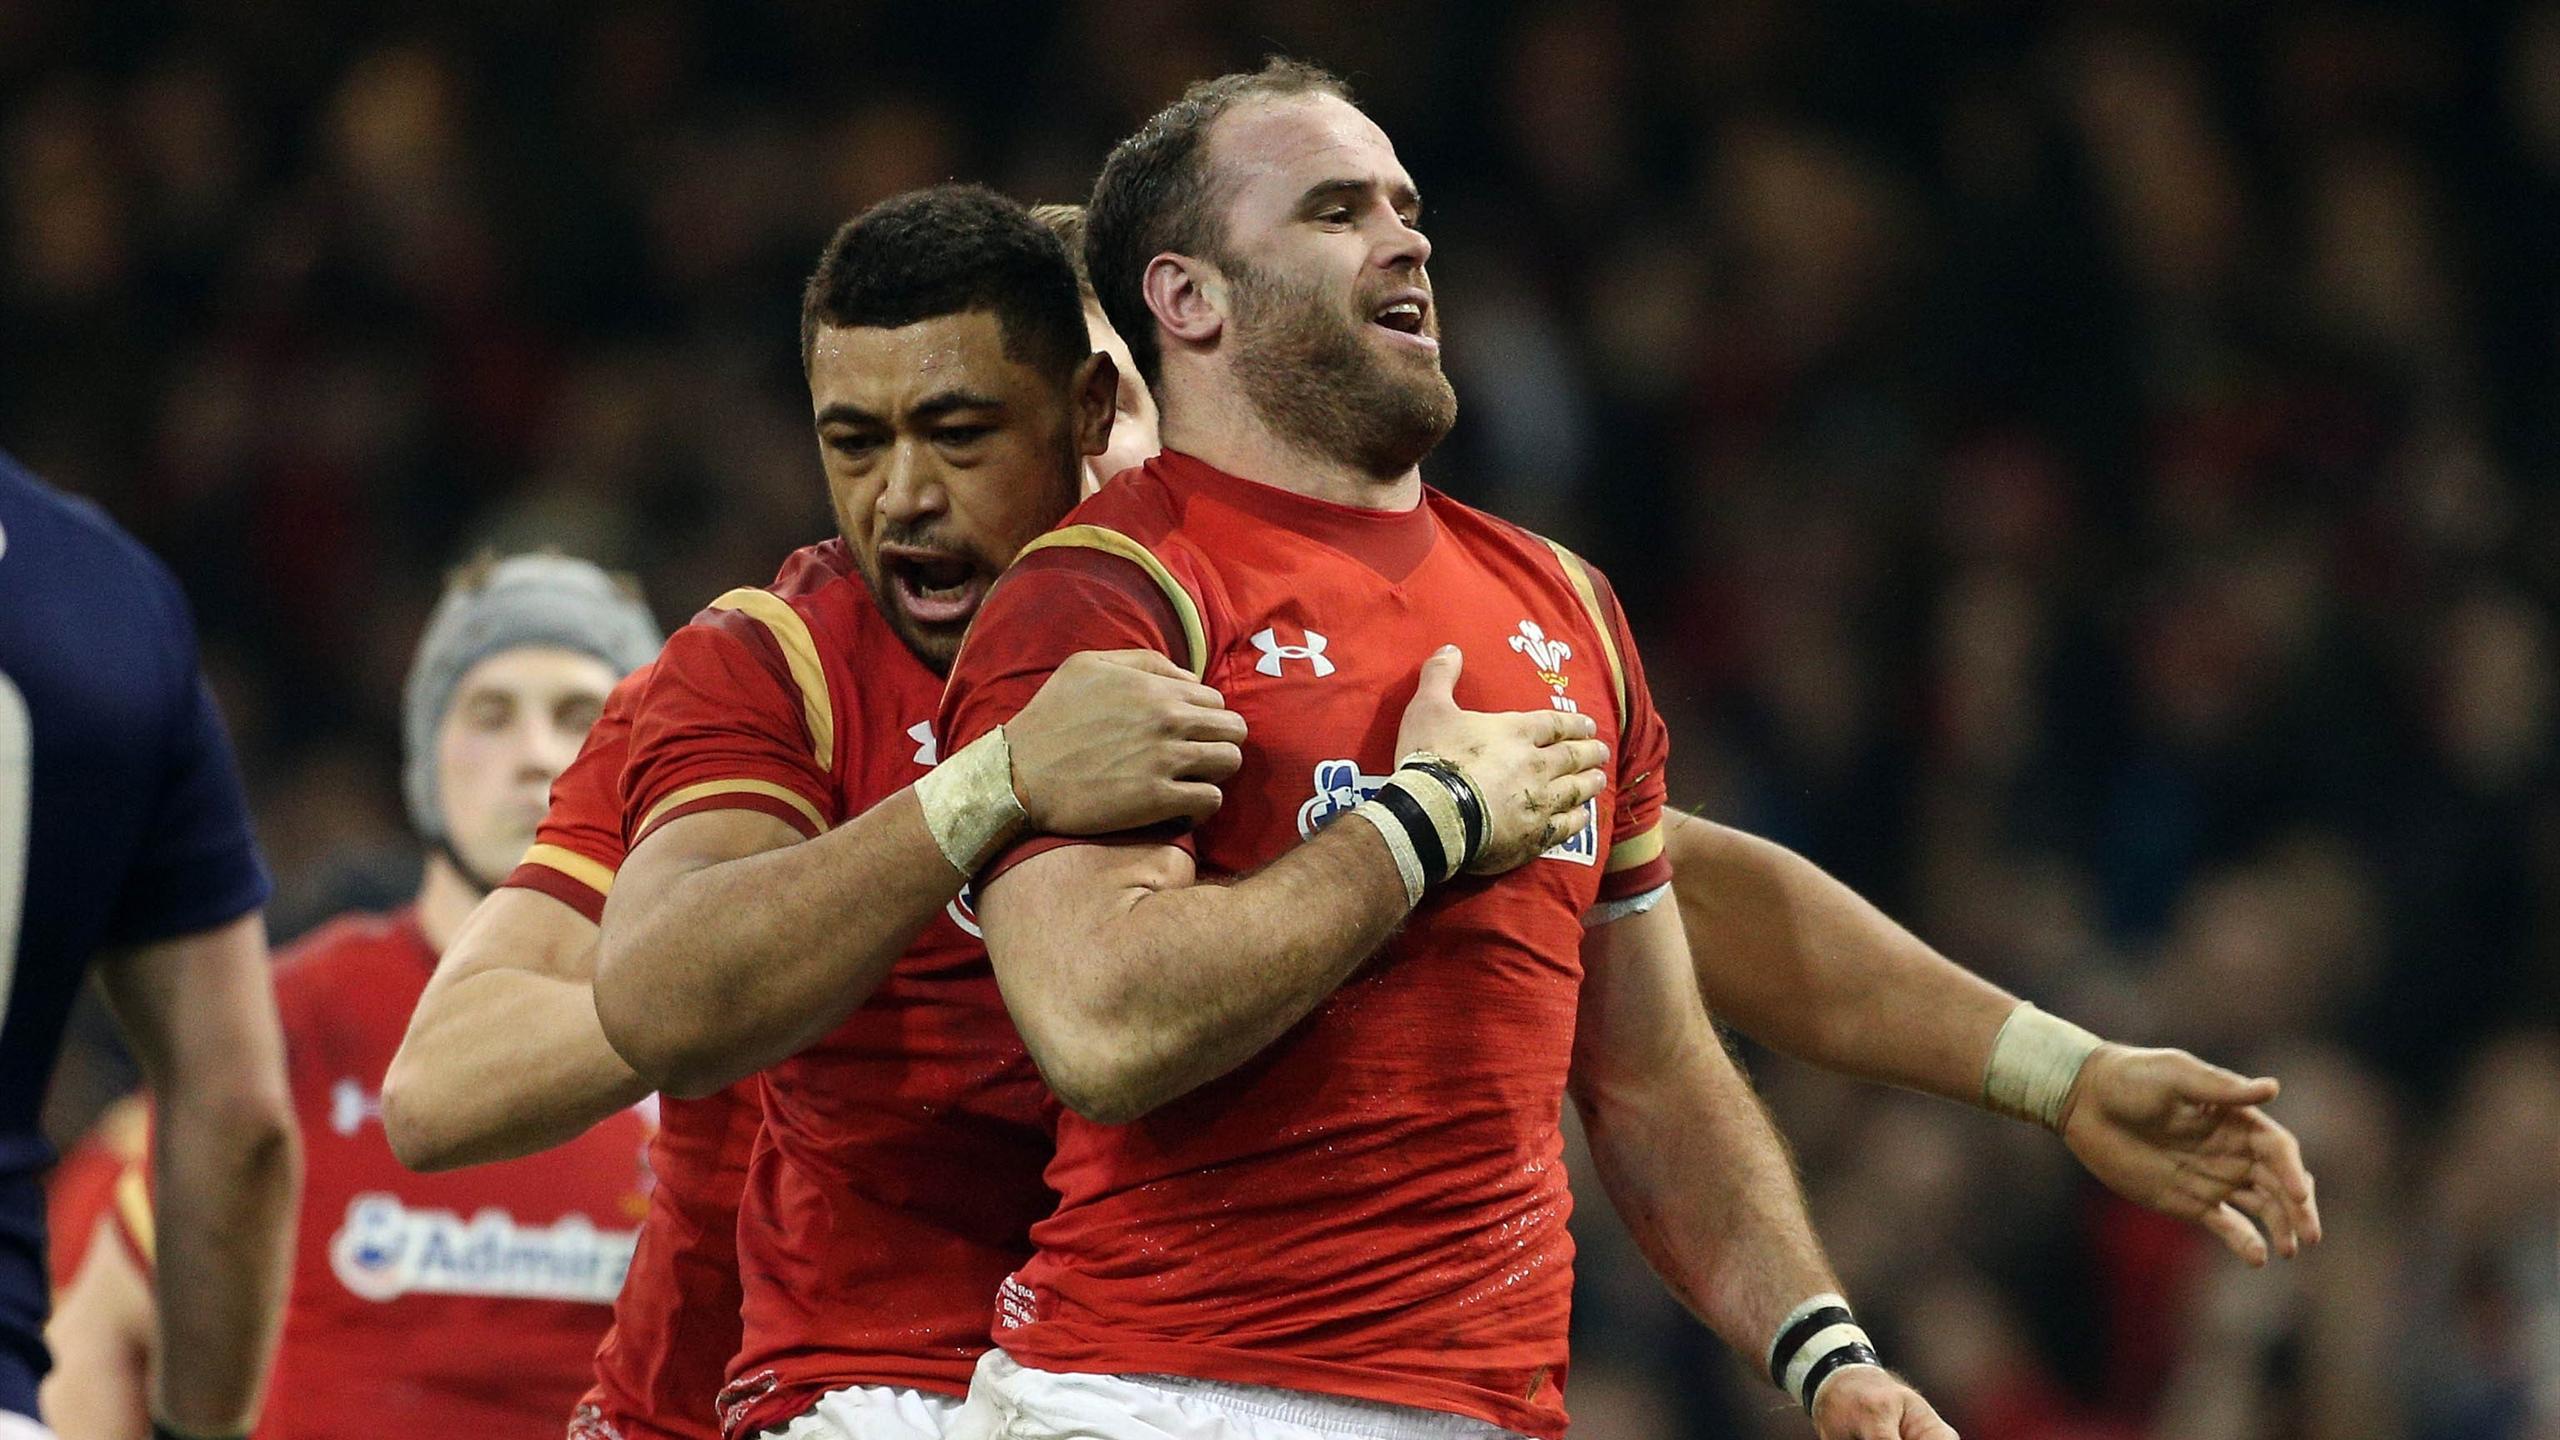 Jamie Roberts et Toby Faletau (pays de Galles) - 13 février 2016